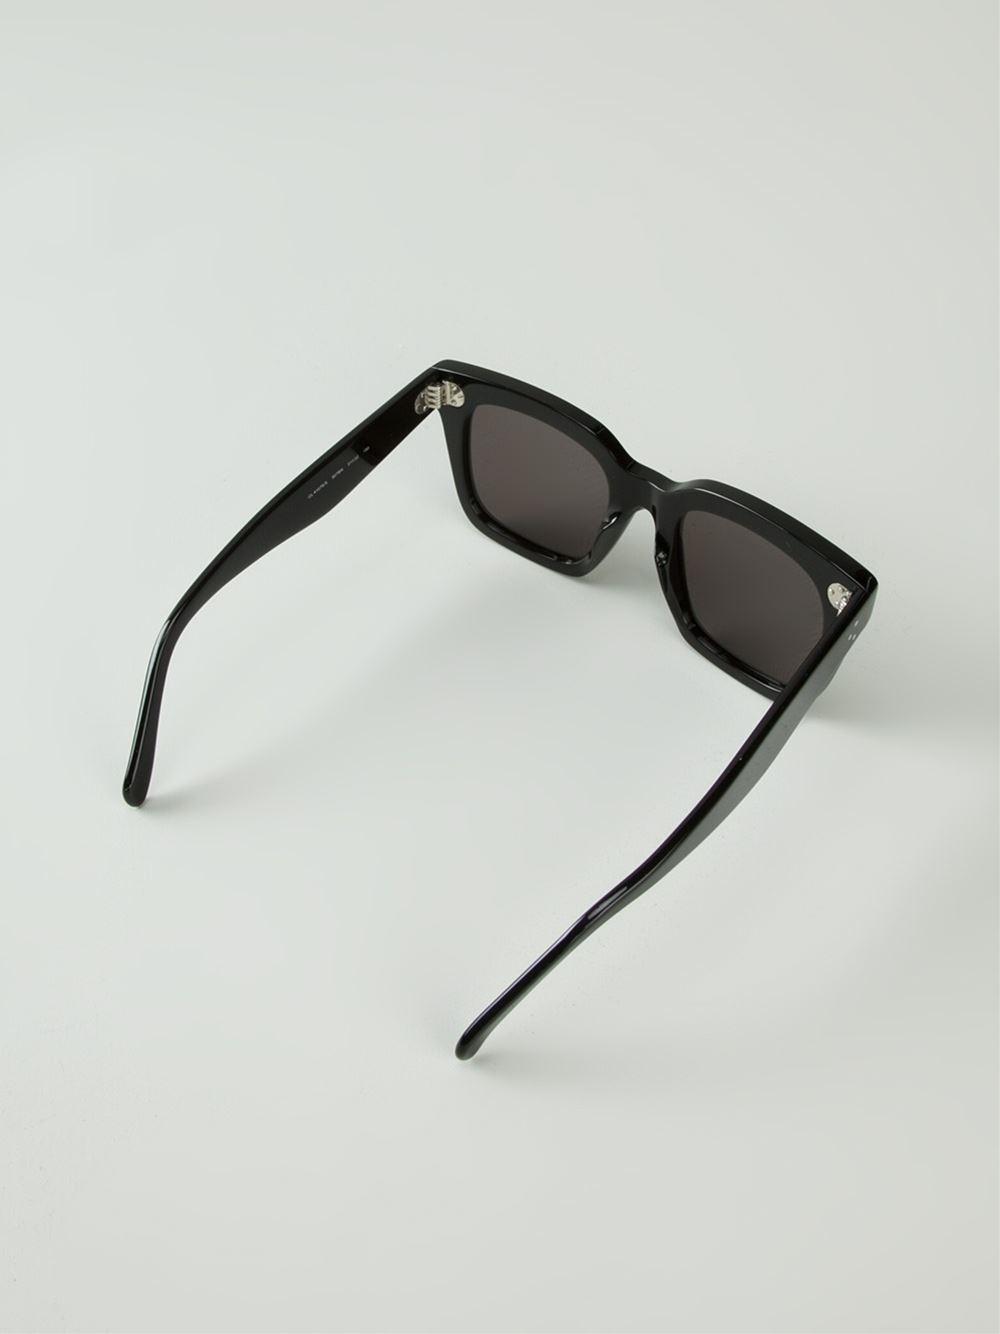 300e69c3d6 Celine Aviator Sunglasses Nordstrom